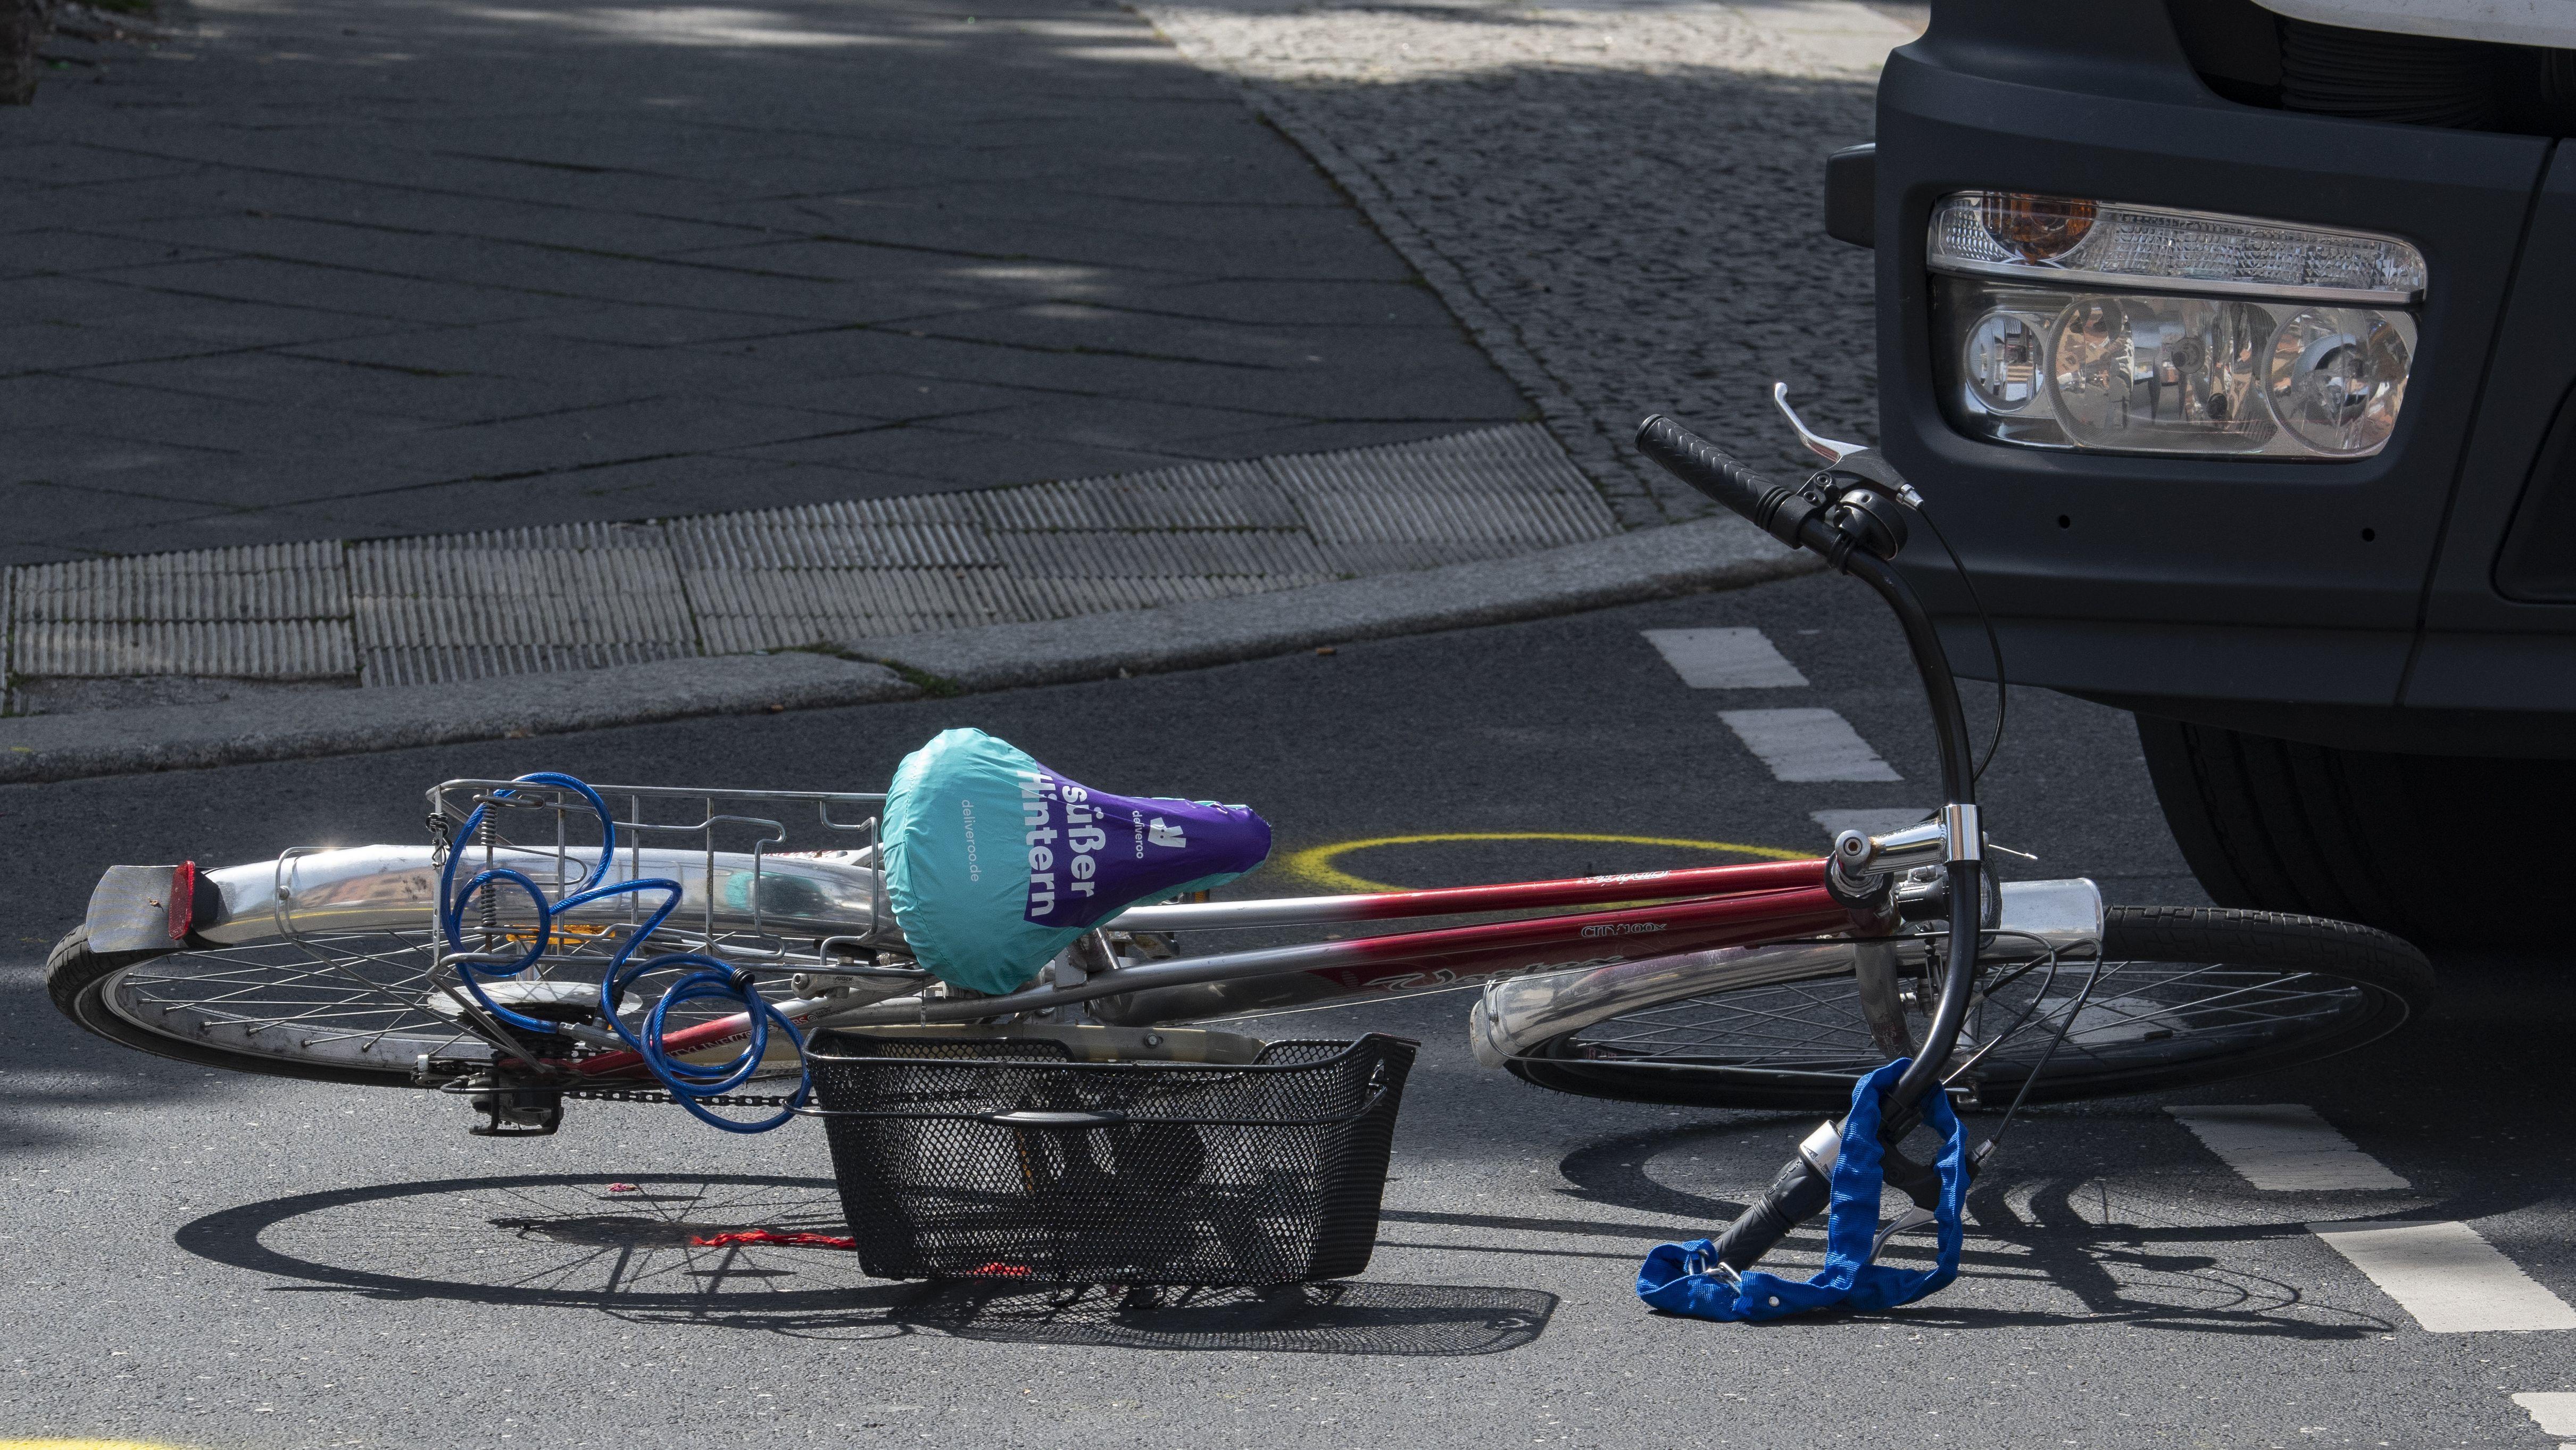 In Deutschland sterben jährlich 30 bis 40 Fahrradfahrer durch rechtsabbiegende Lkw - ein Abbiegeassistent könnte diese Zahl deutlich verringern.